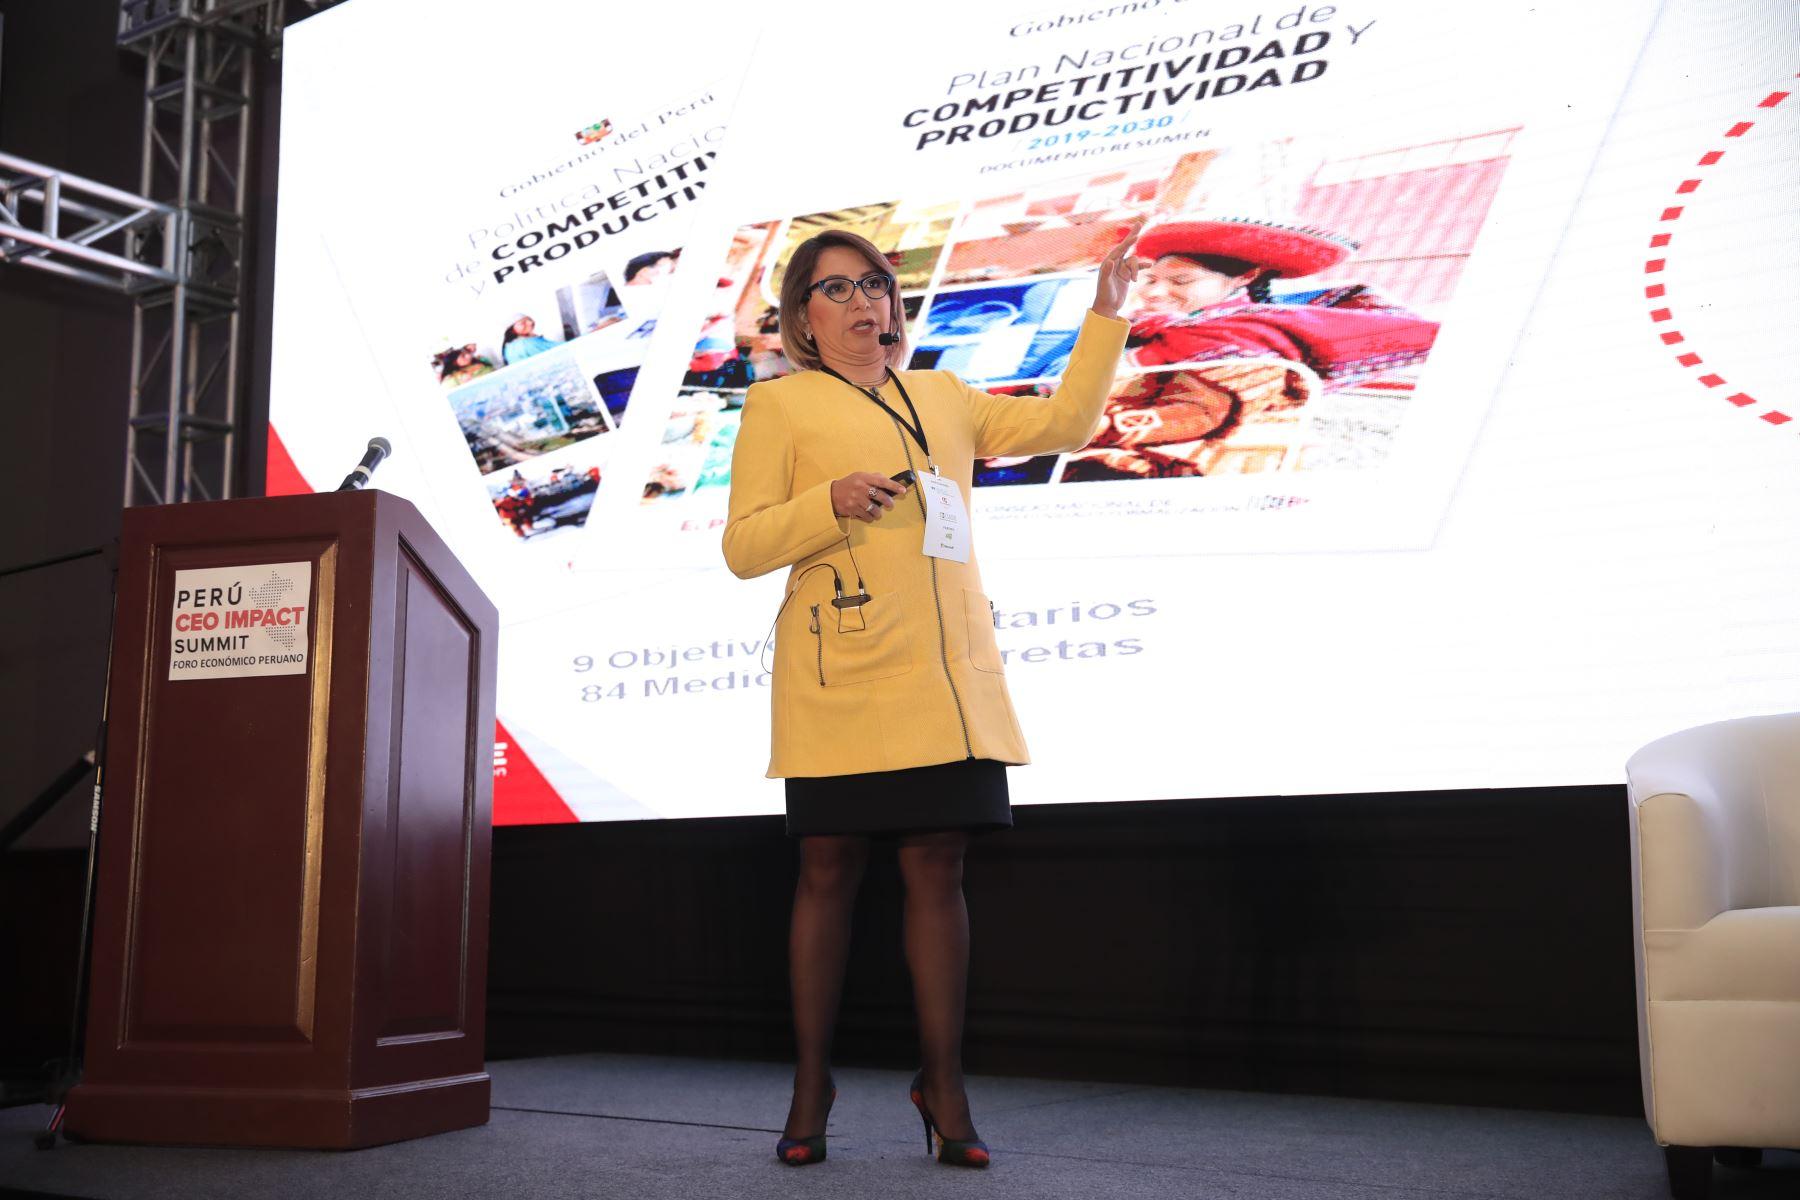 Rocío Barrios, Ministra de la Producción,  durante su exposición en el foro: Perú CEO Impact Summit        Agencia Andina/Juan Carlos Guzman Negrini